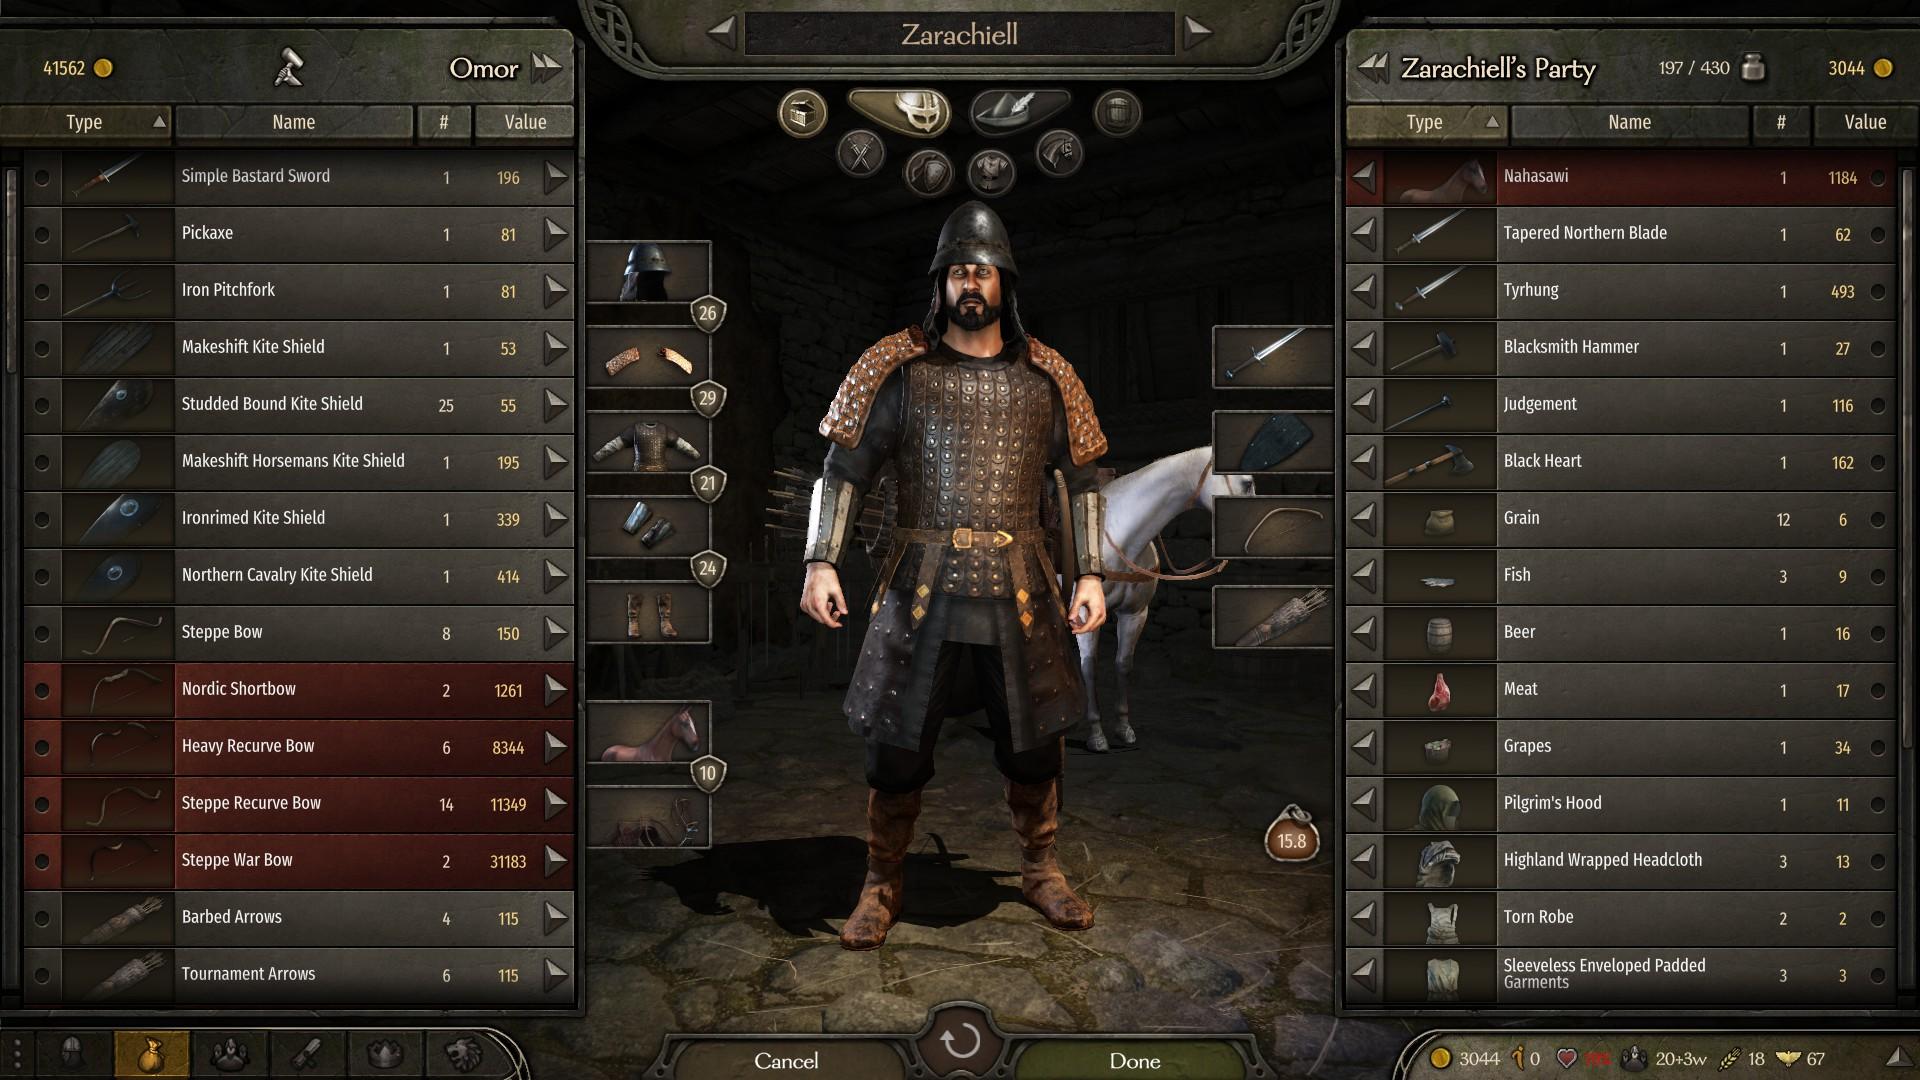 Vo svojom jadre ide stále o rozsiahle RPG s množstvom výzbroje a schopnosťami postavy.